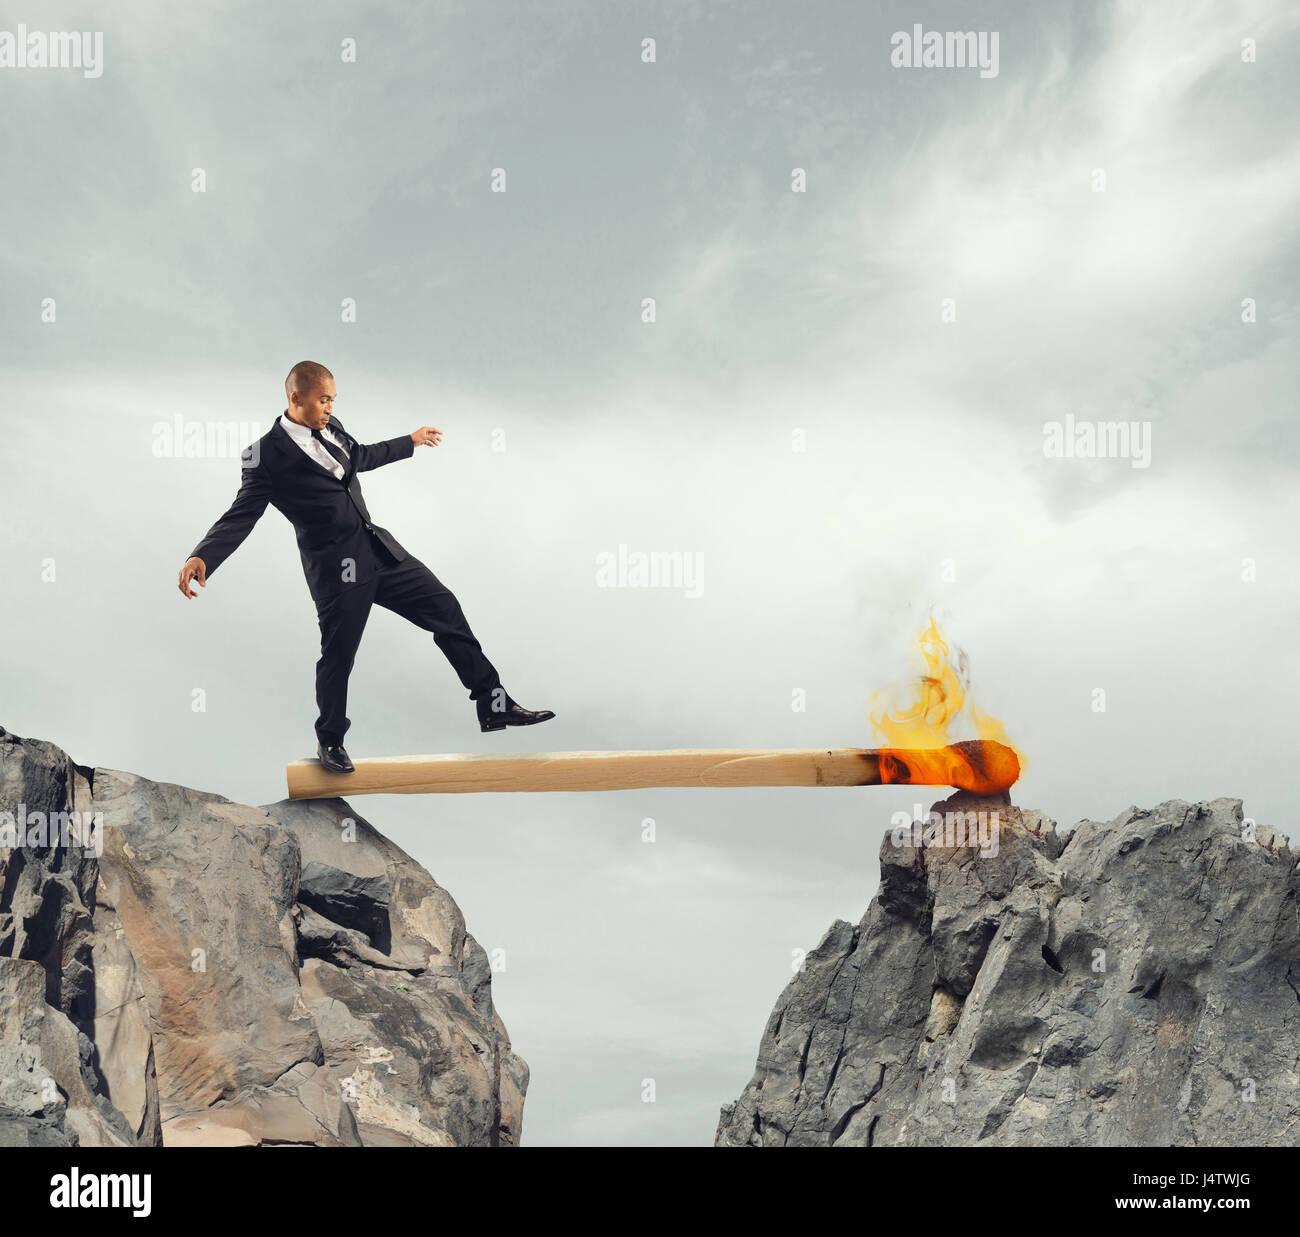 L'instabilità e la paura di ostacoli da superare Immagini Stock